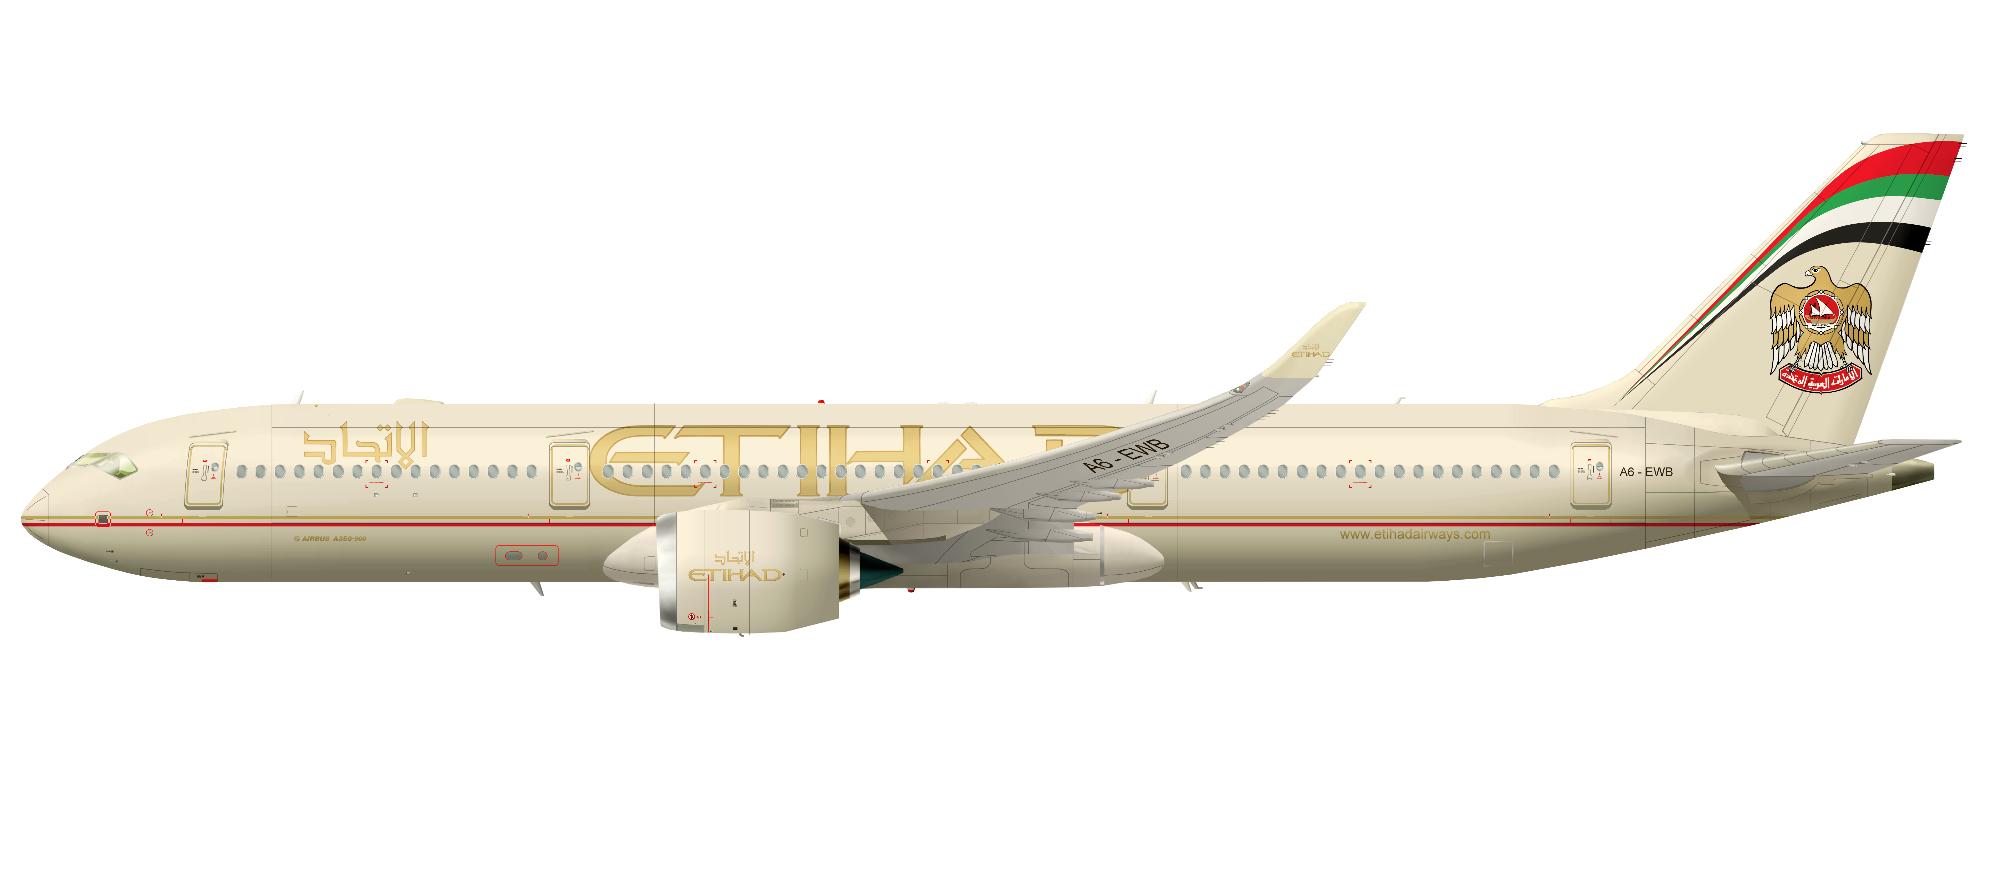 File:A350XWB.